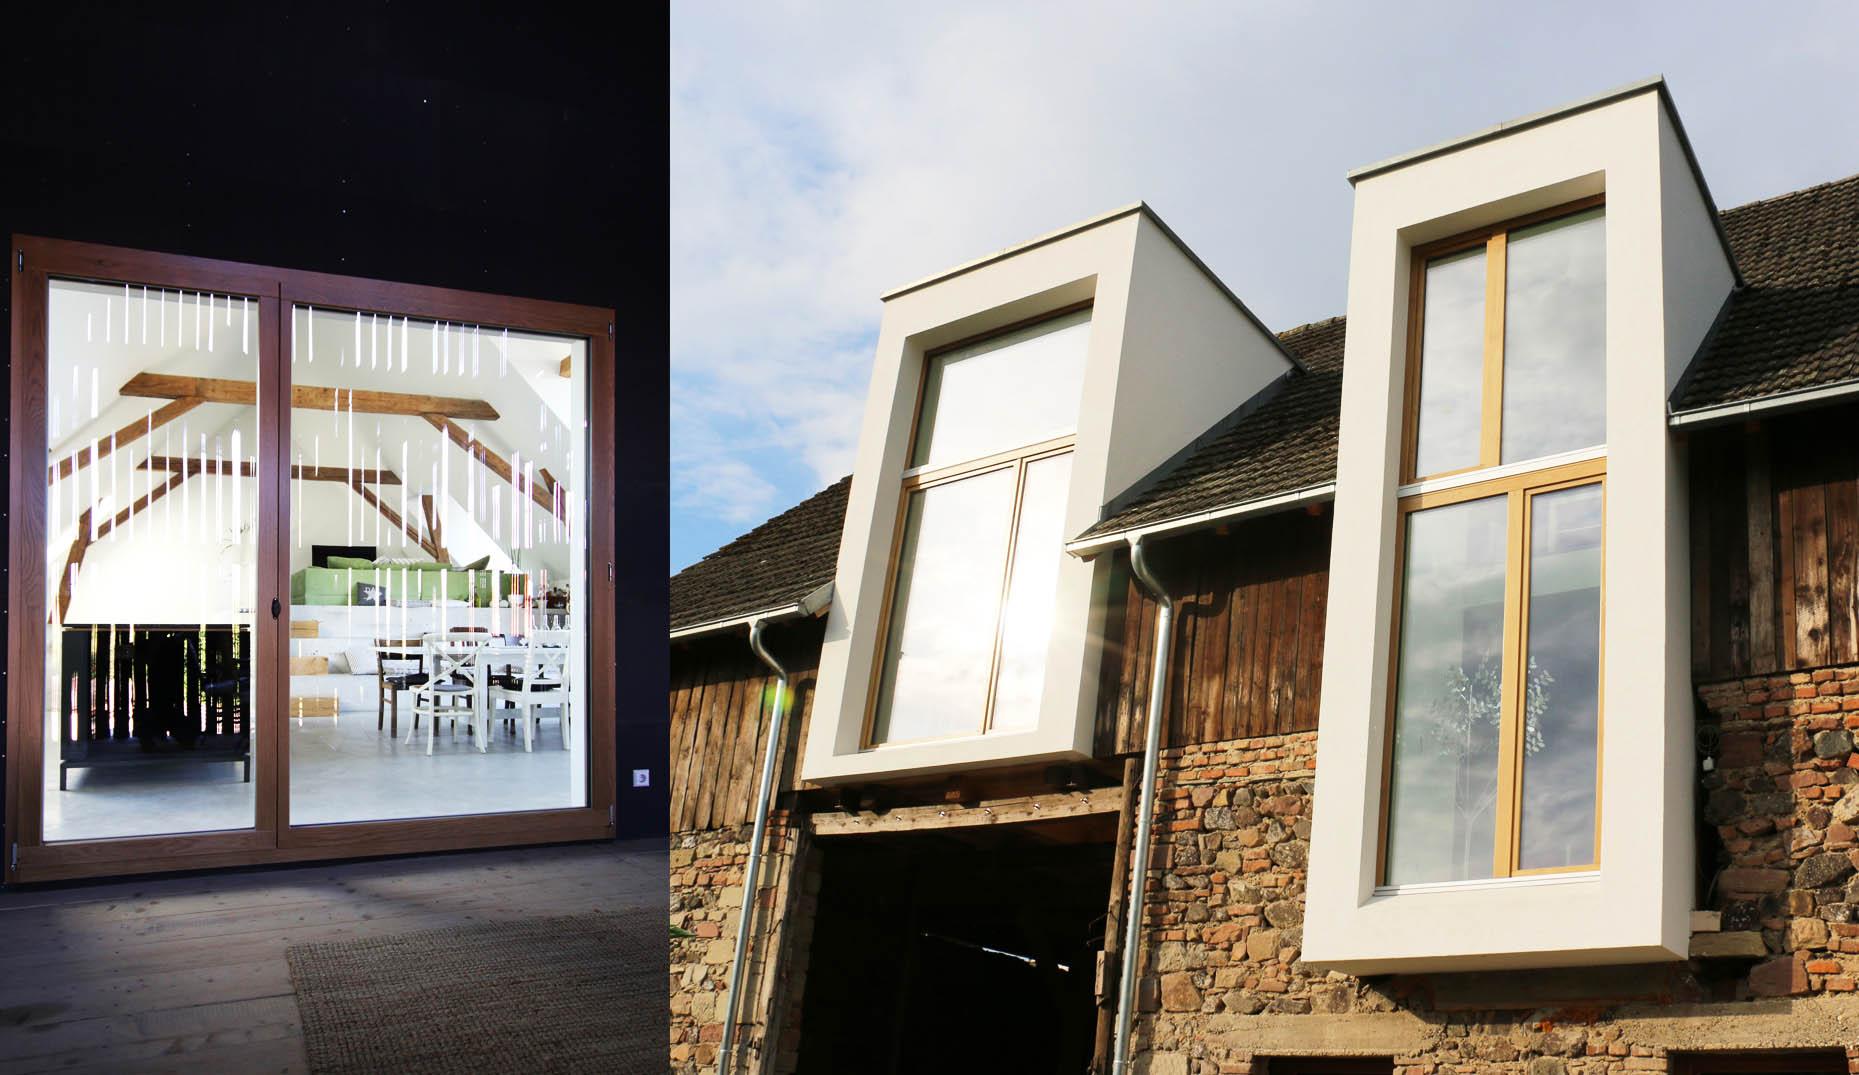 Eine gekaufte Scheune die zu einem modernen Wohnhaus umgebaut worden ist